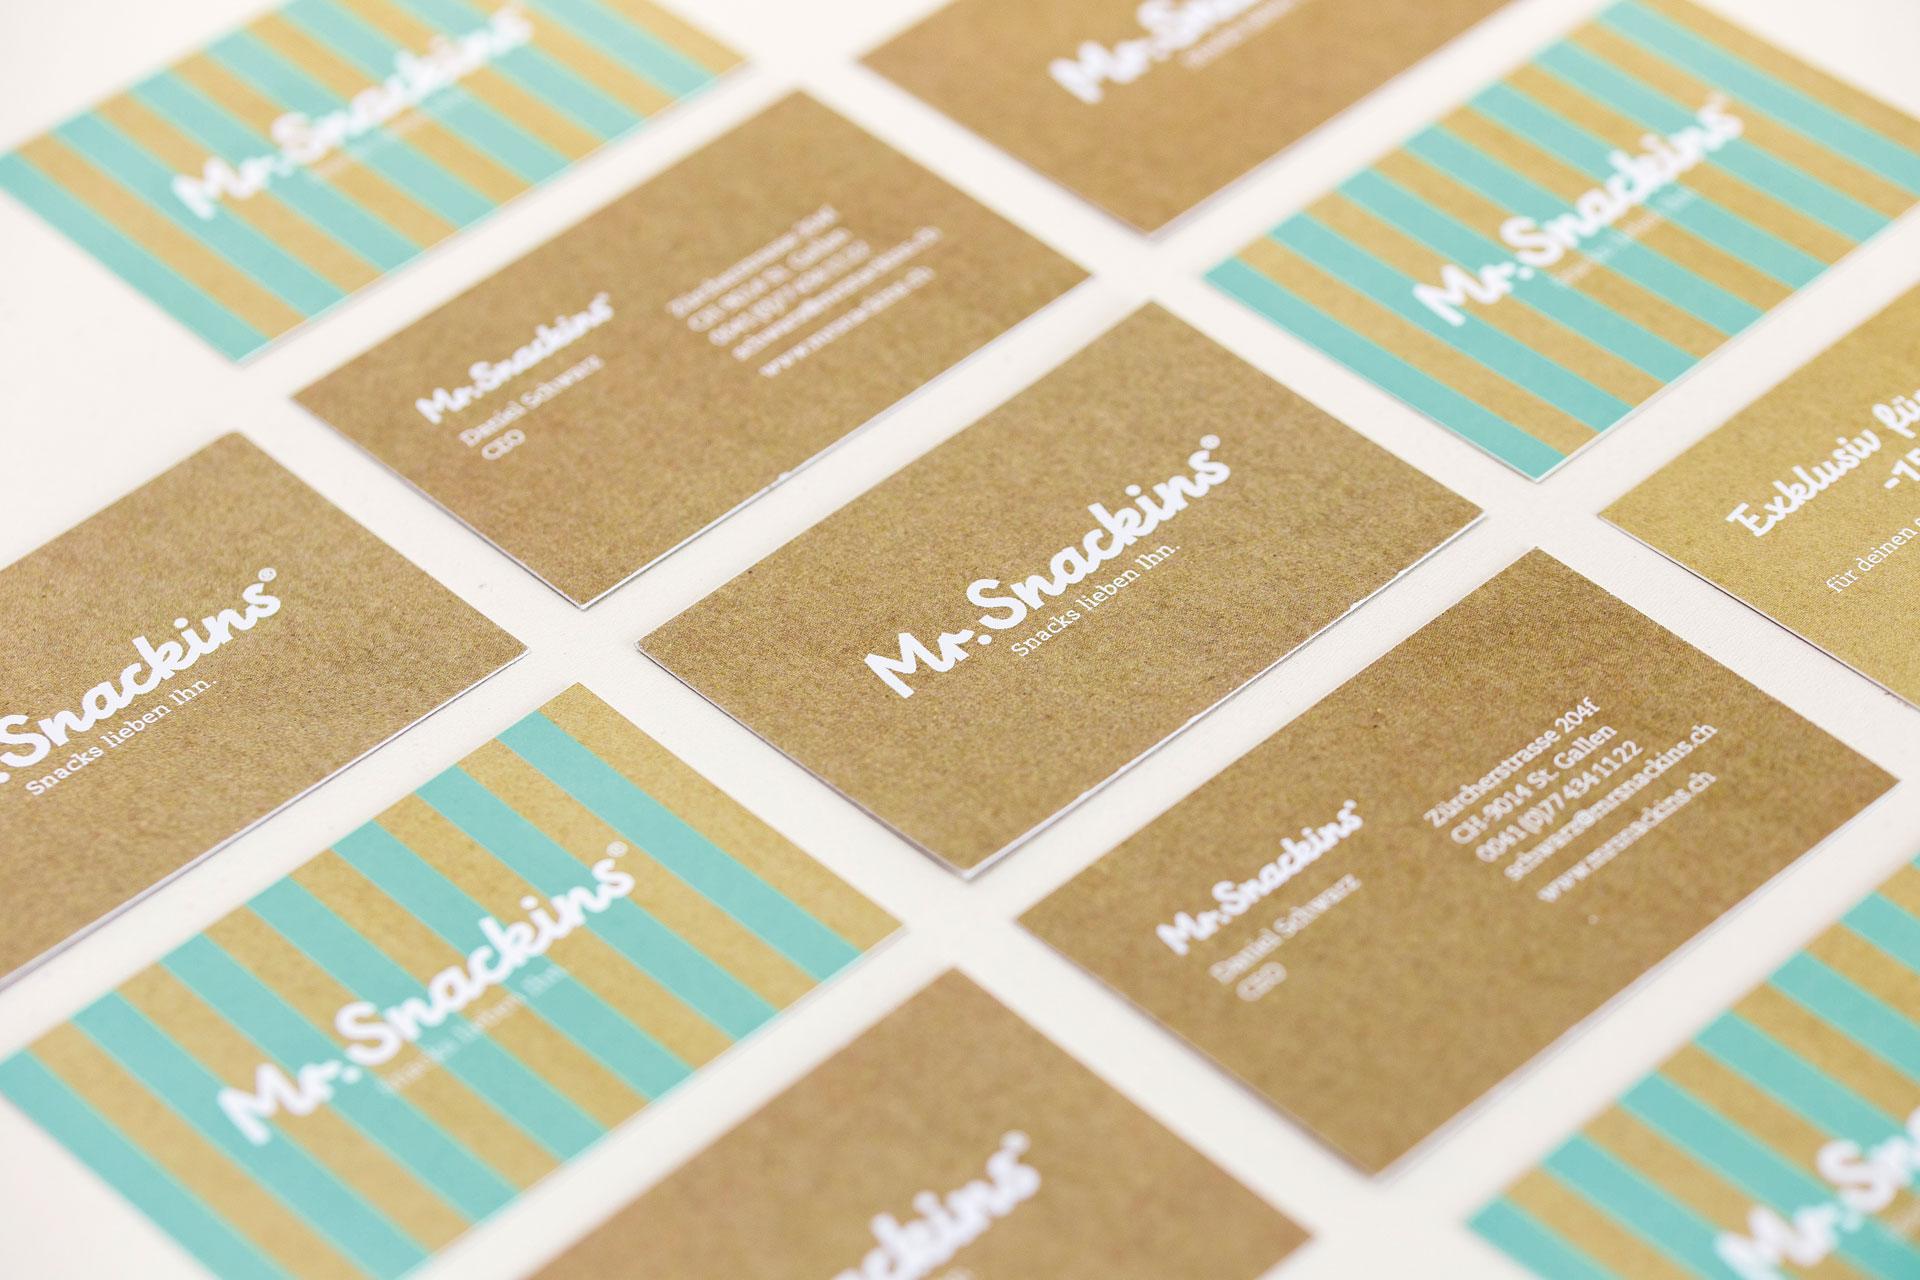 Markburg Visitenkarten Berlin Snacks Naturpapier Startup Jpg